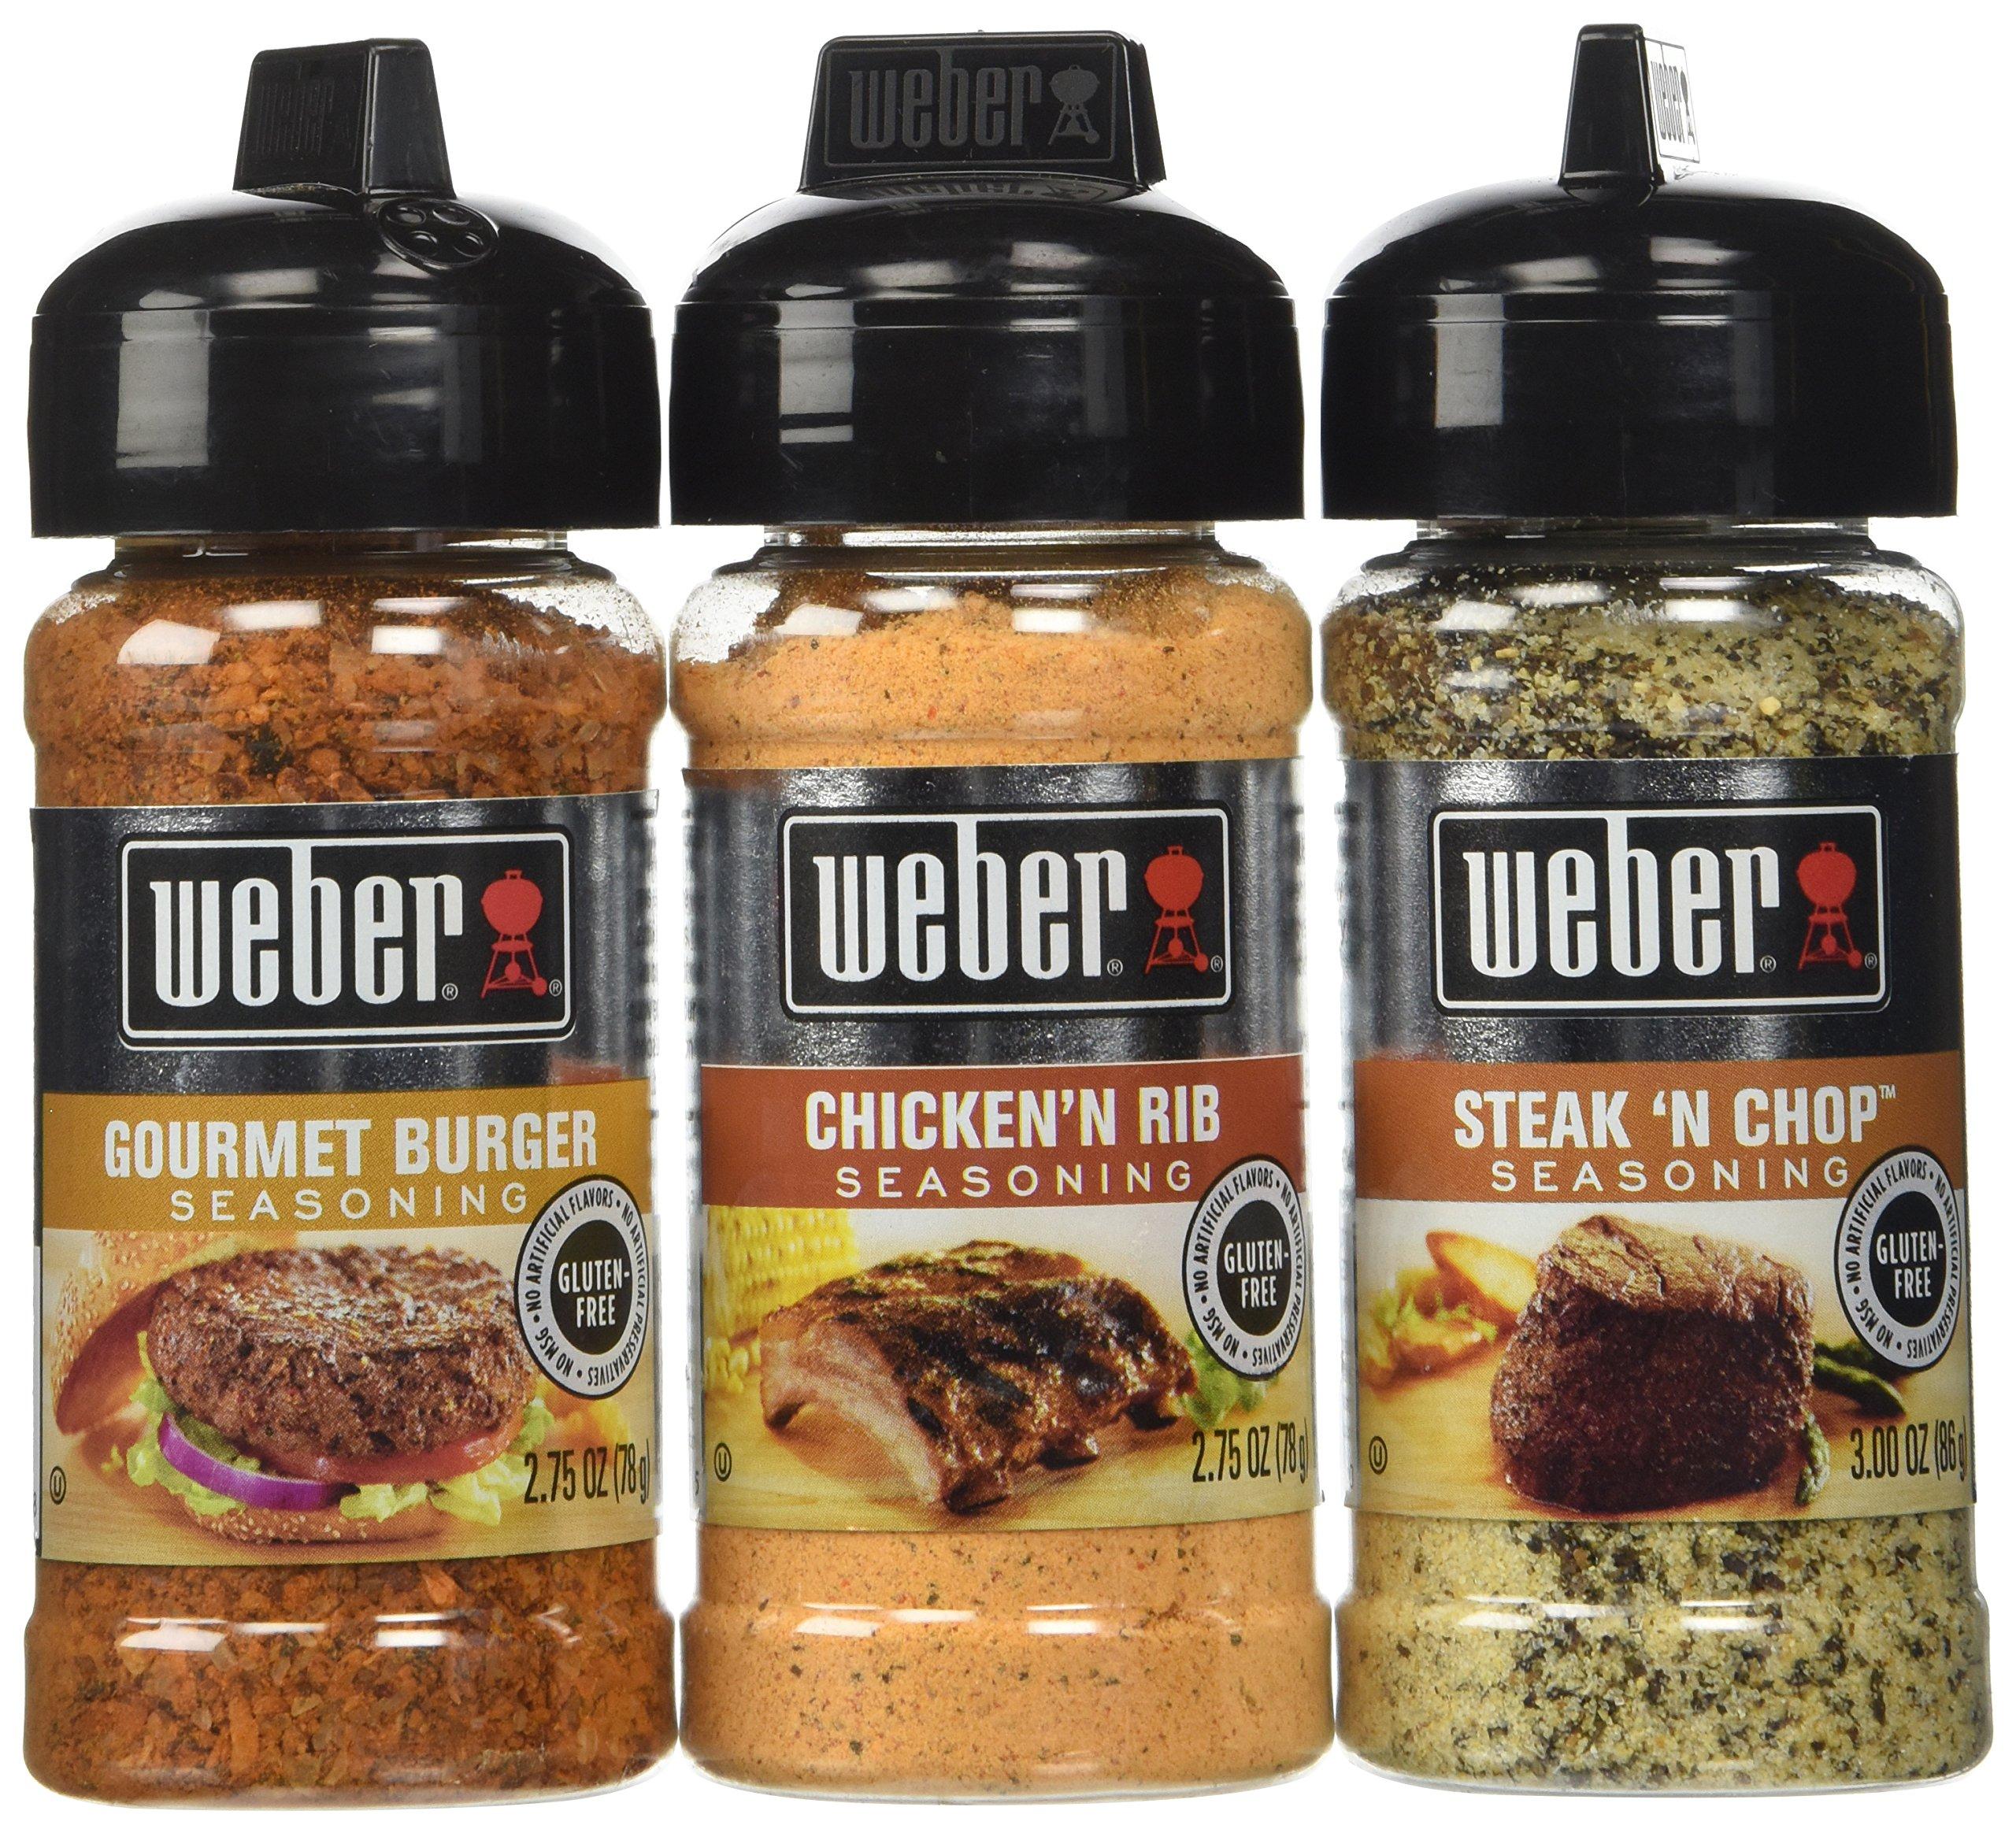 Weber Seasoning Variety 3 Flavor Pack 2.5 oz - Steak 'N Chop - Chicken 'N Rib - Gourmet Burger - All Natural Shake-On Bundle Set